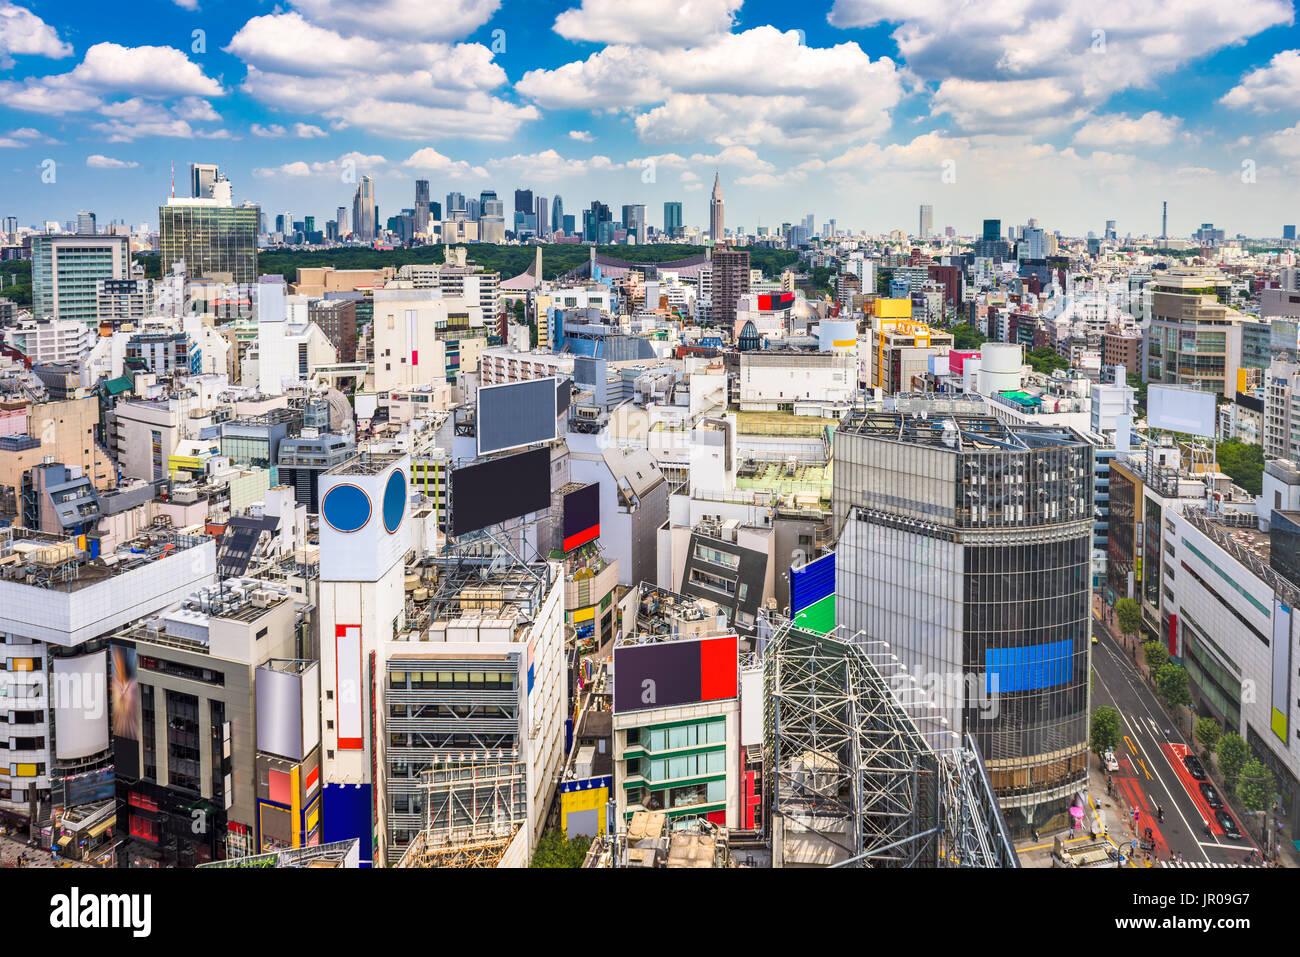 Shibuya, Tokyo, Japan cityscape. - Stock Image